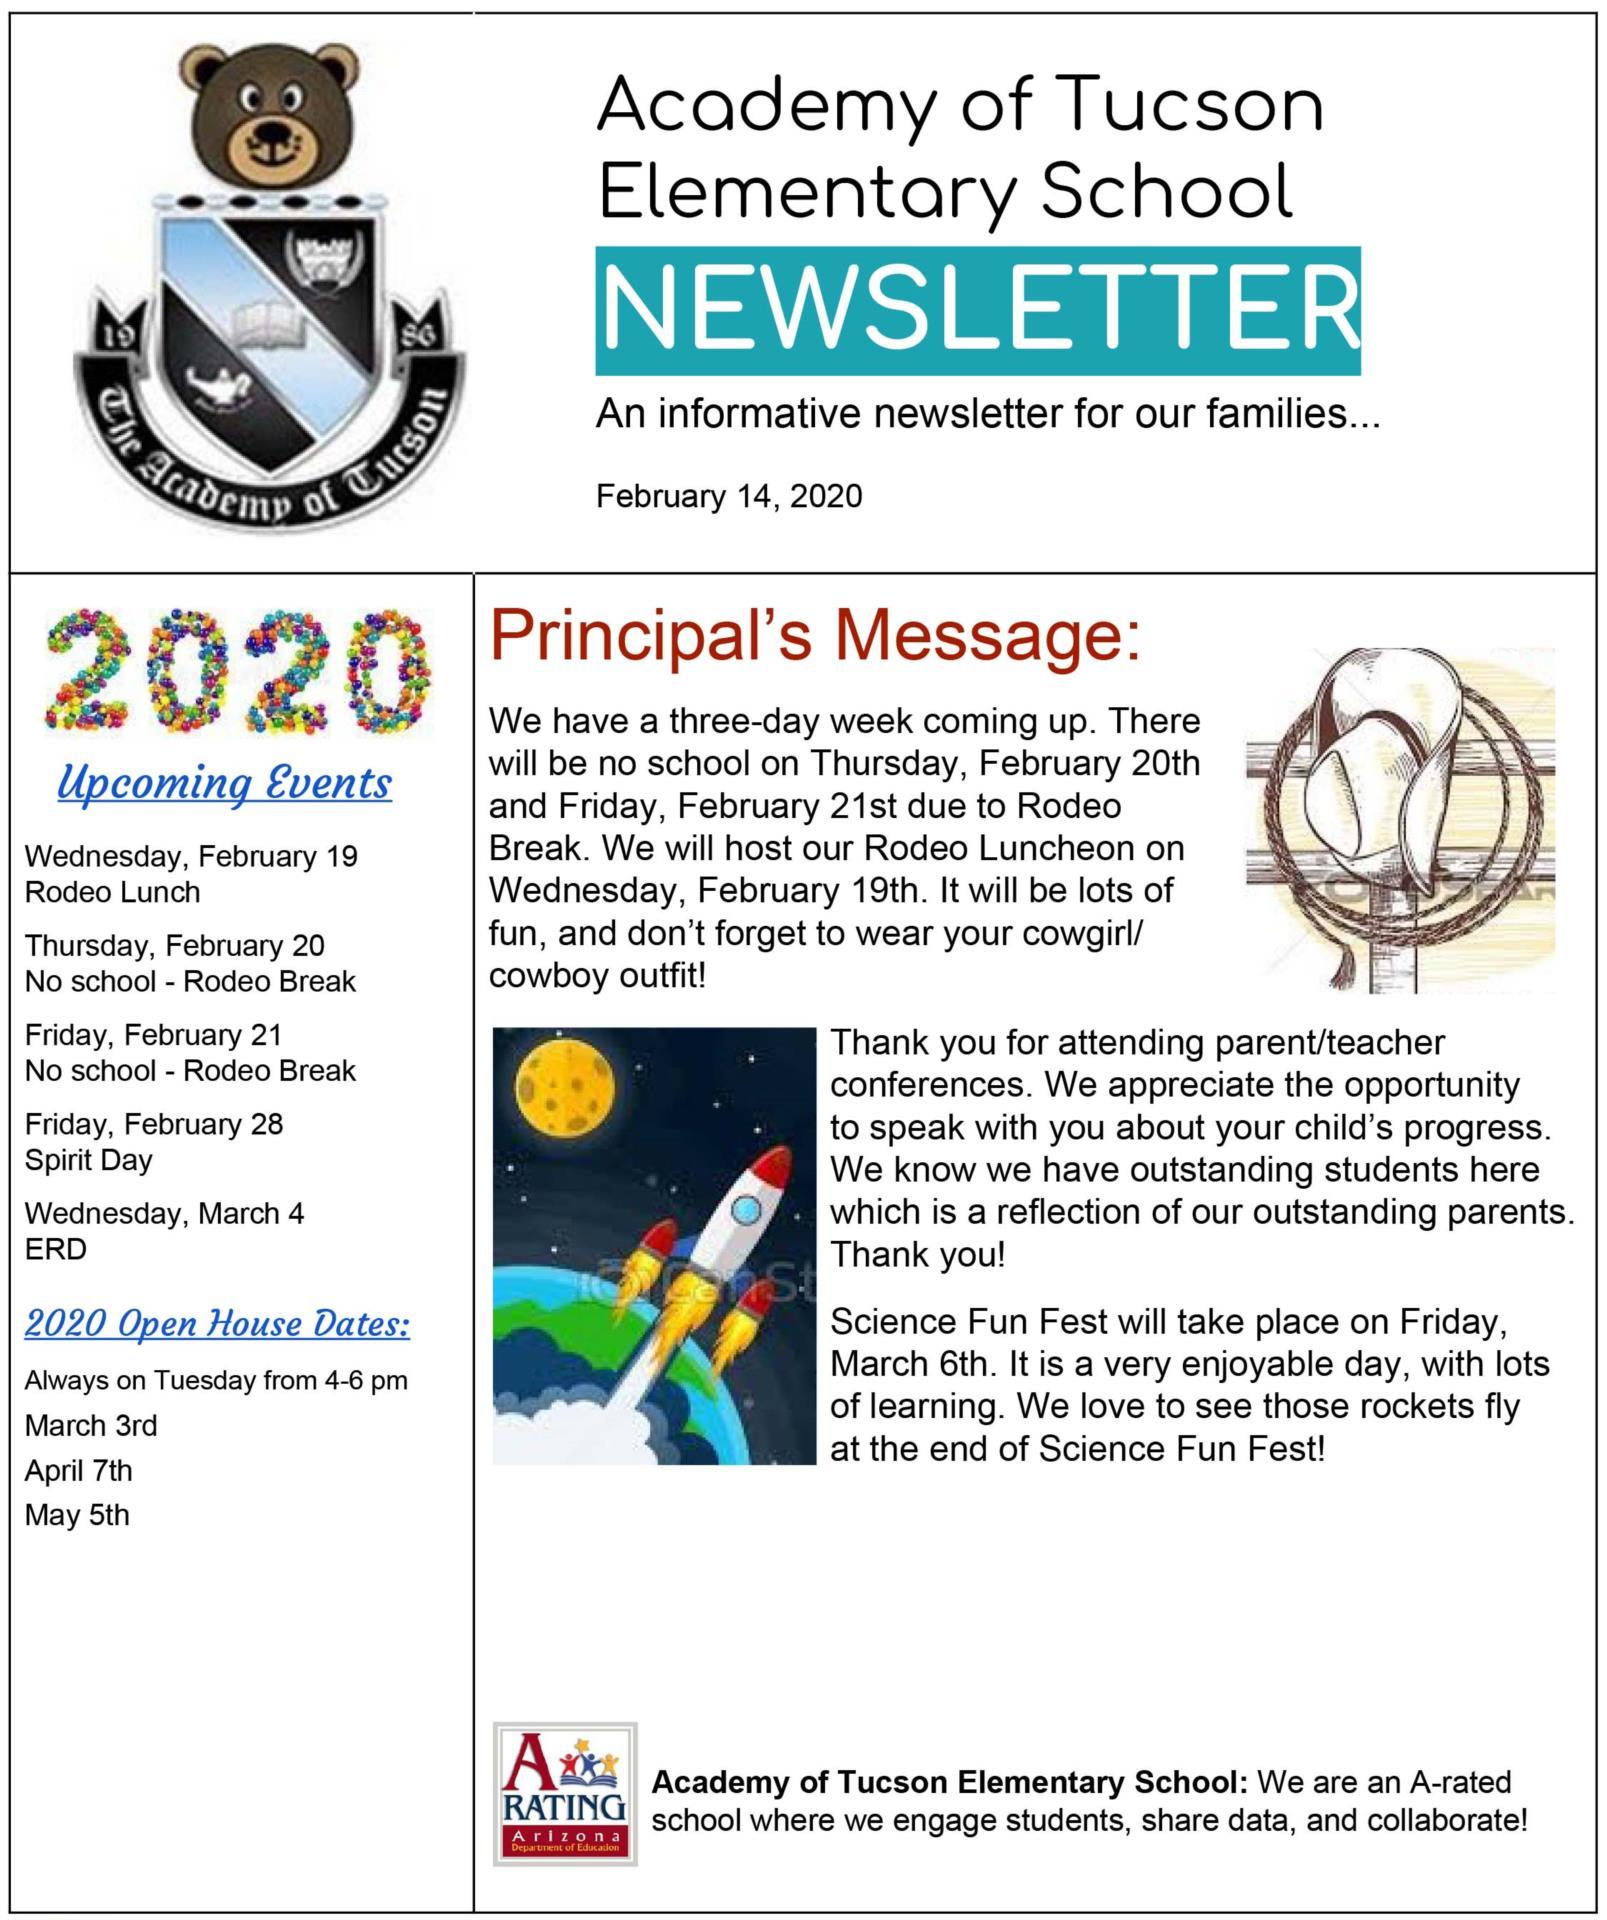 AOT Elementary School Newsletter